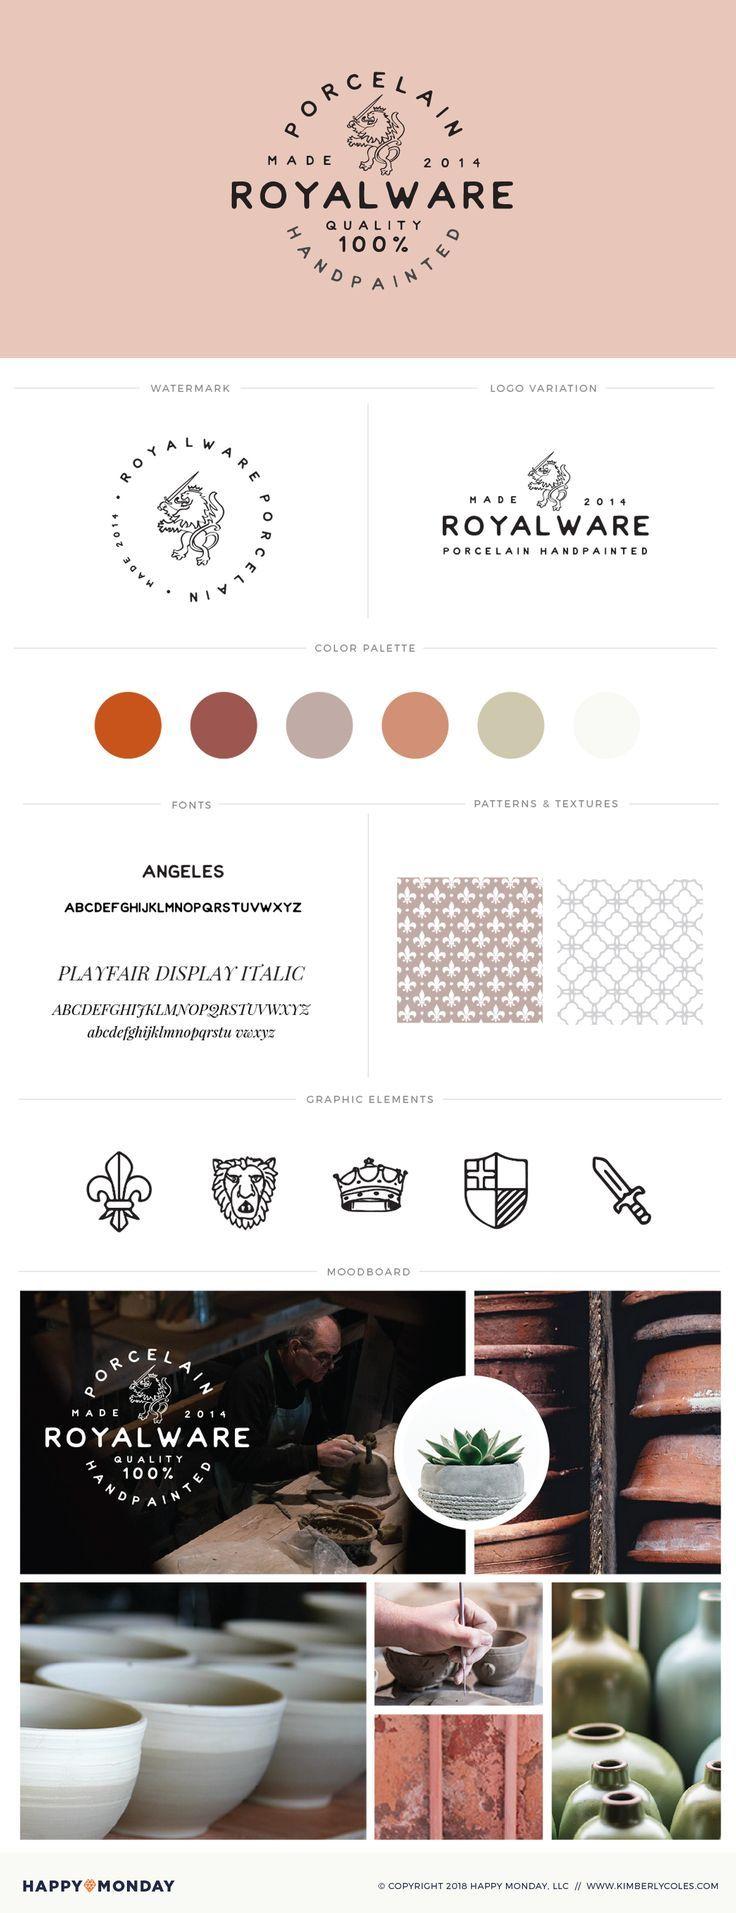 Tailorbrandscom Tailor Brands  Design a Logo amp Create